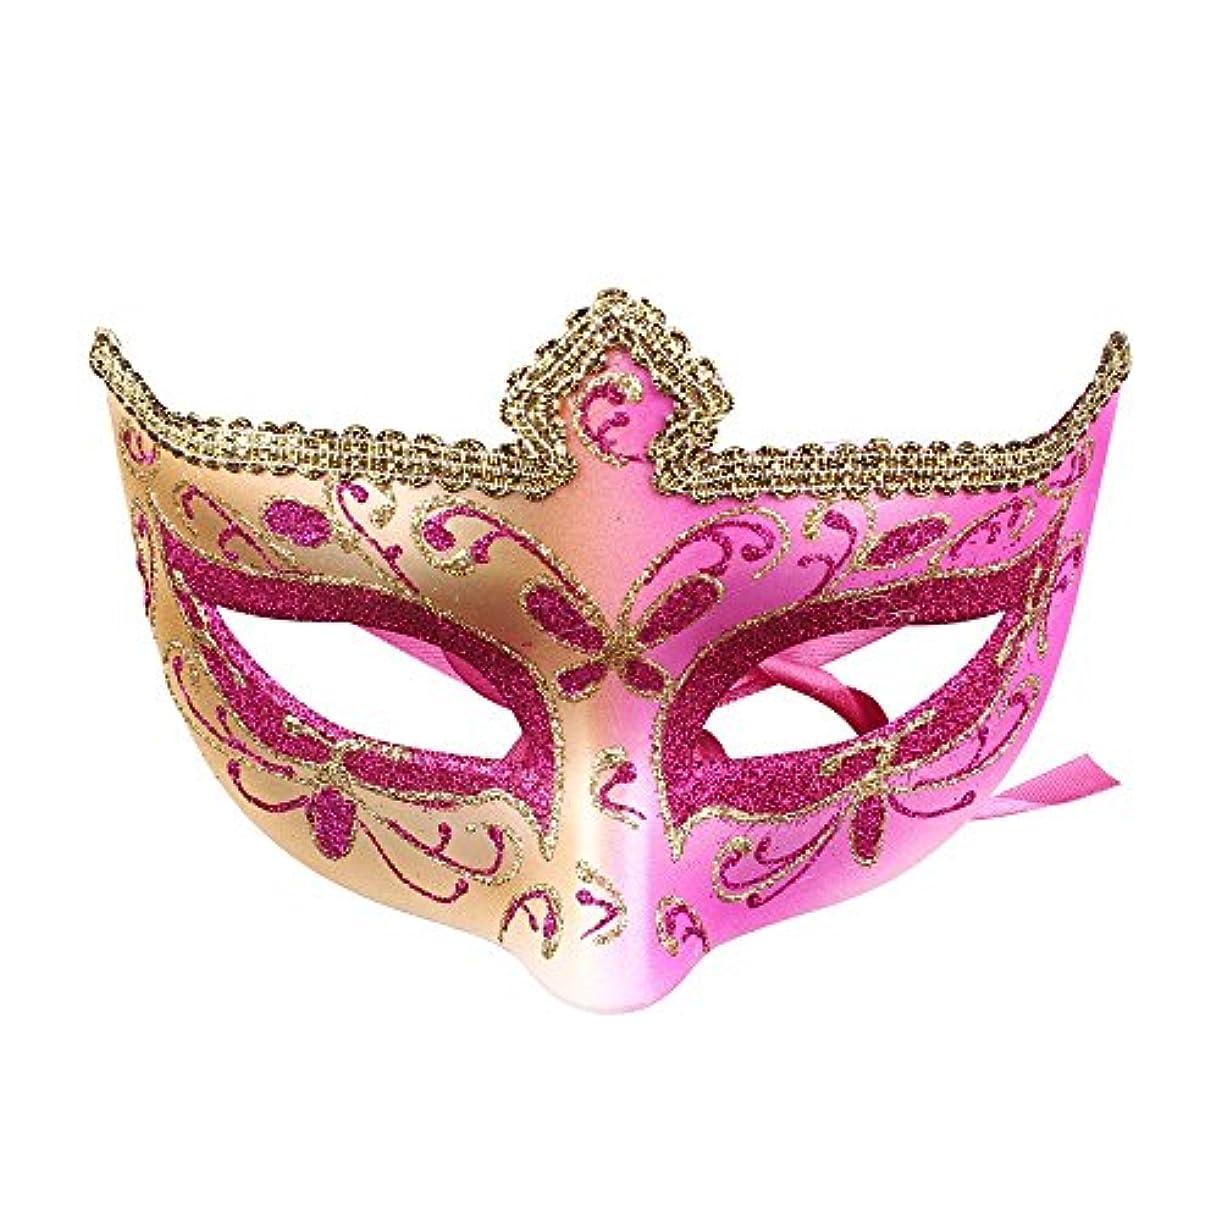 存在する多年生専門知識クリエイティブ仮面舞??踏会レースマスク美容ハーフフェイス女性身に着けているマスクハロウィーン祭りパーティー用品 (Color : PINK)